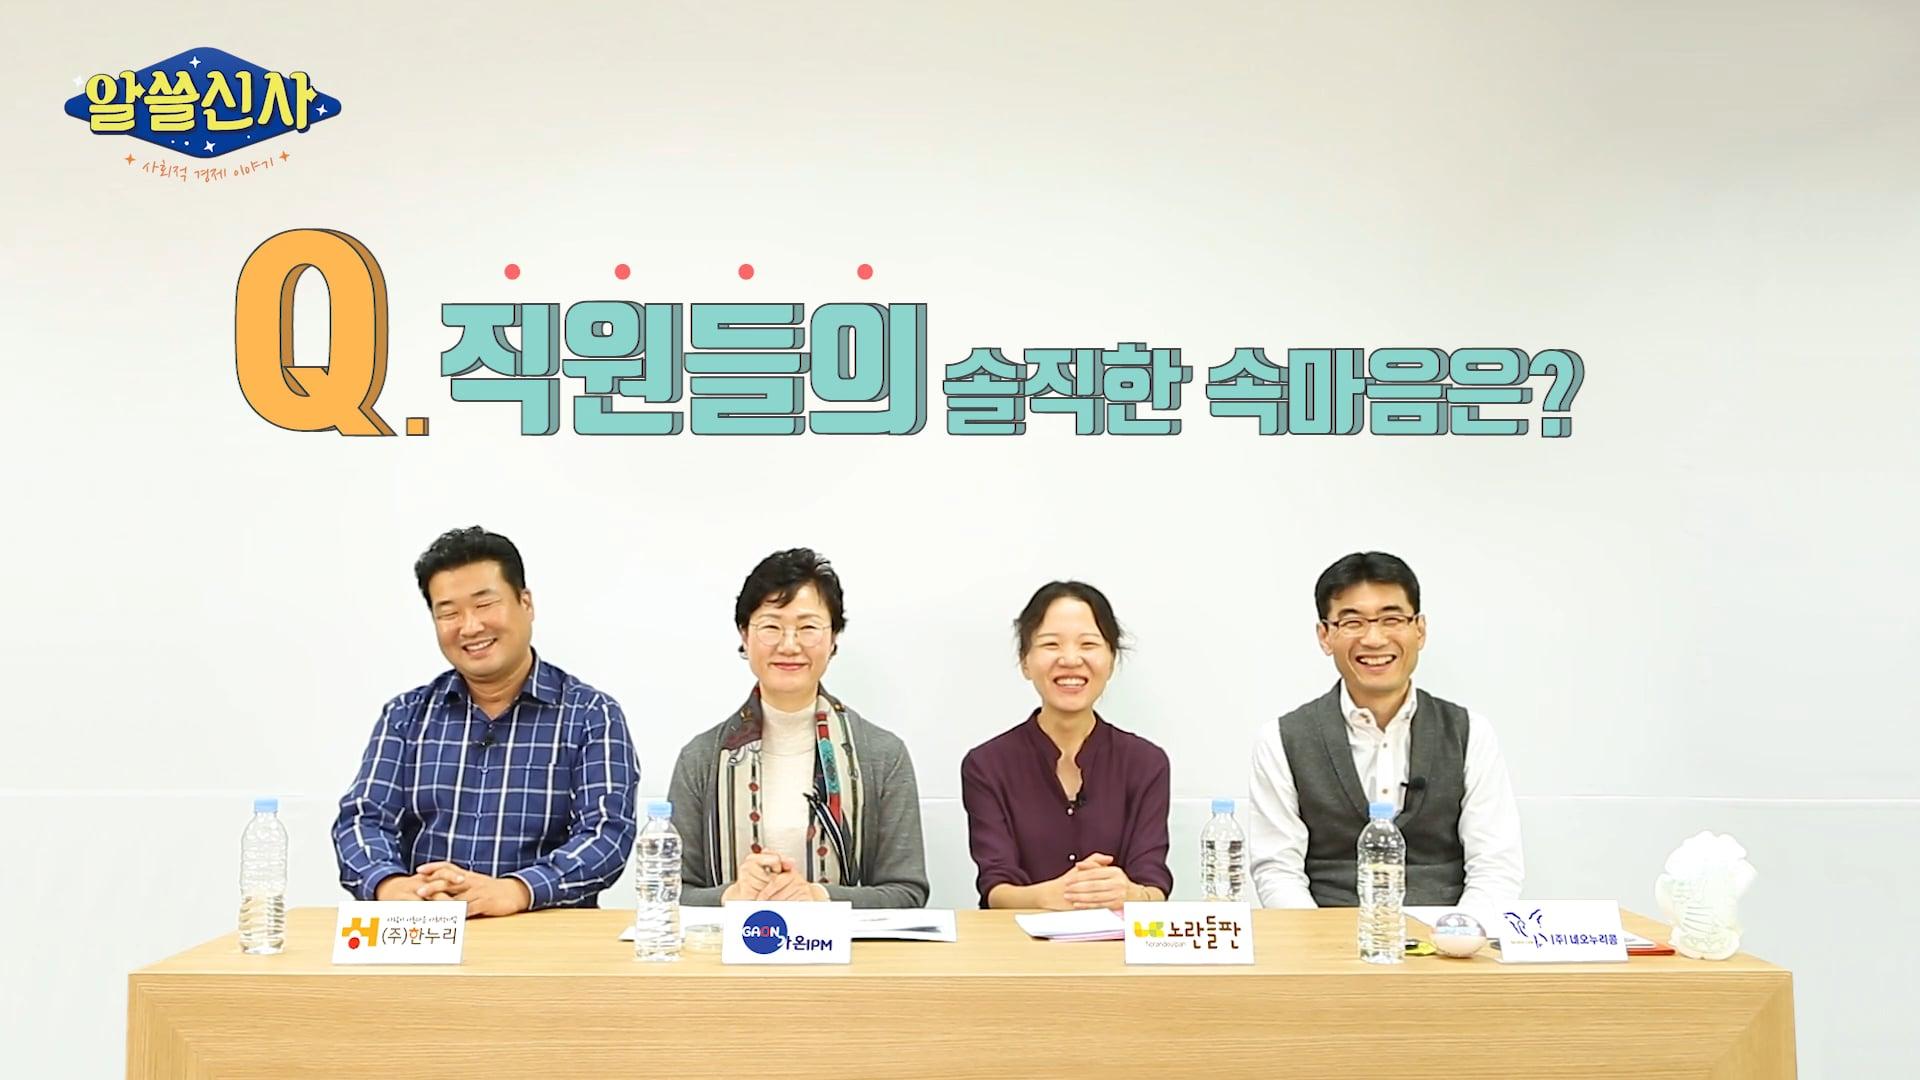 알쓸신사2편_feat.인쇄출판편